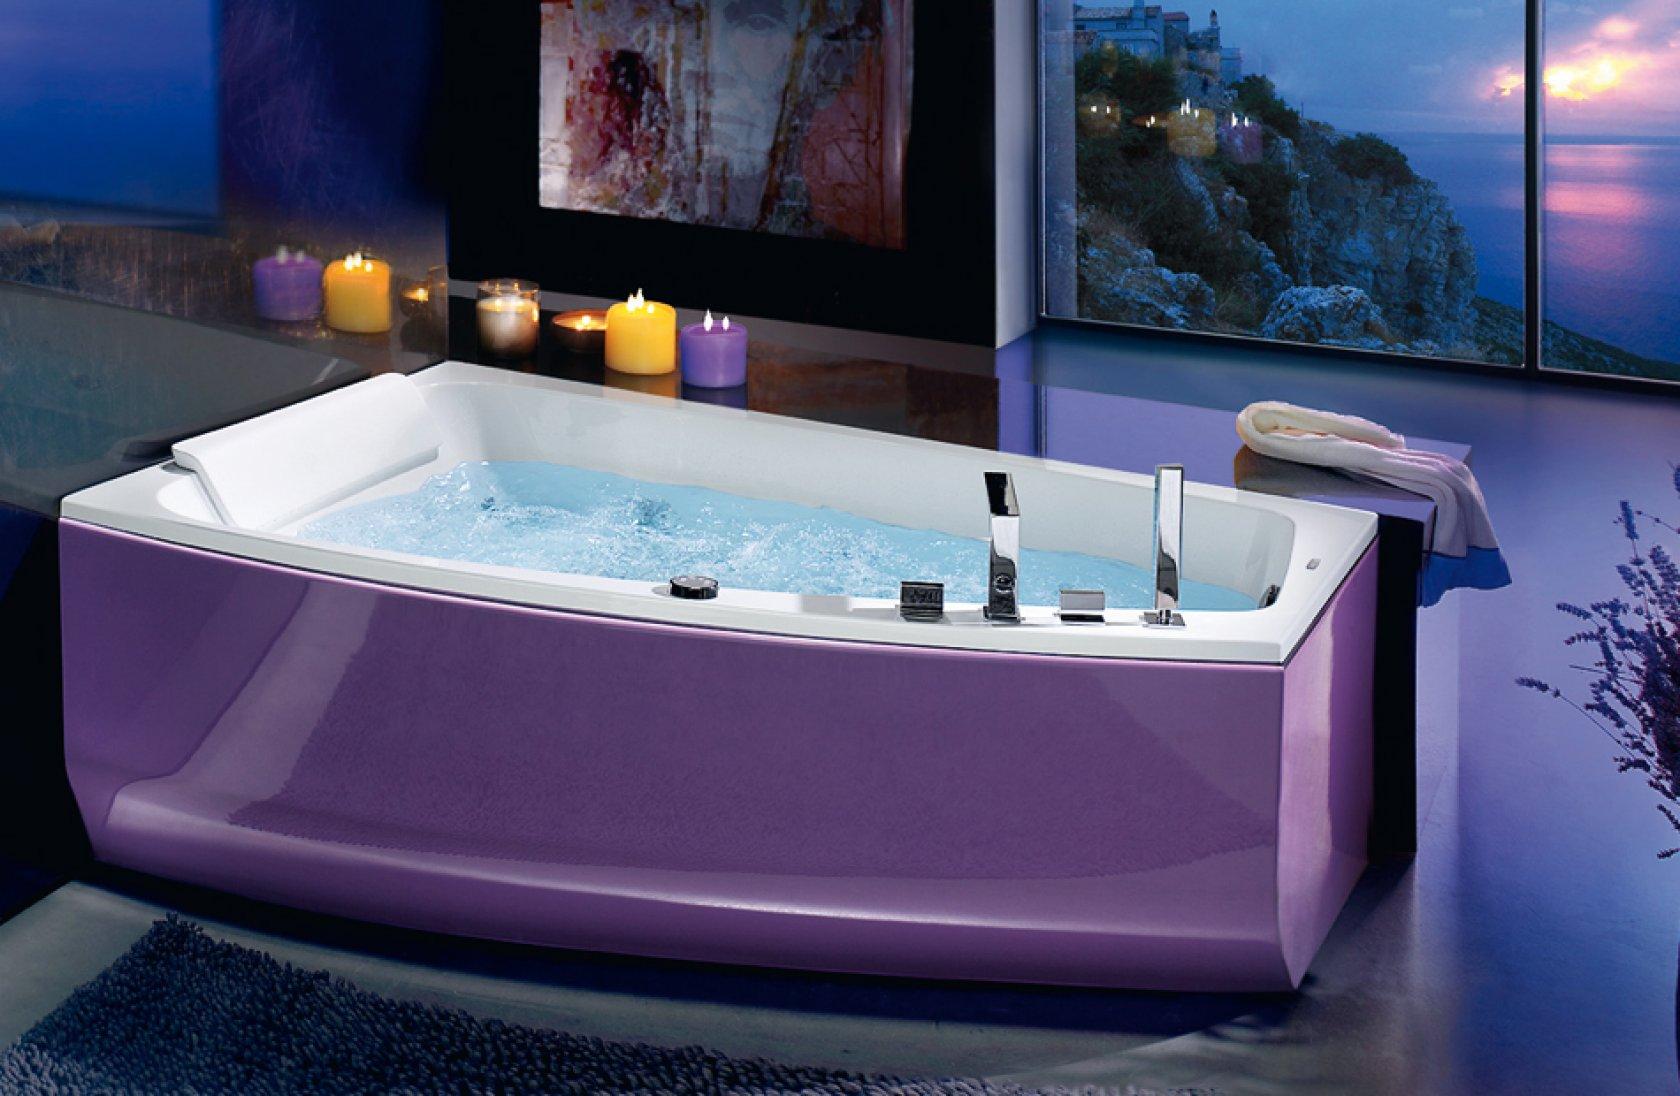 Vasca Da Bagno Usata Prezzi : Blubleu vasche da bagno vasche da bagno edilceramiche di maccanò